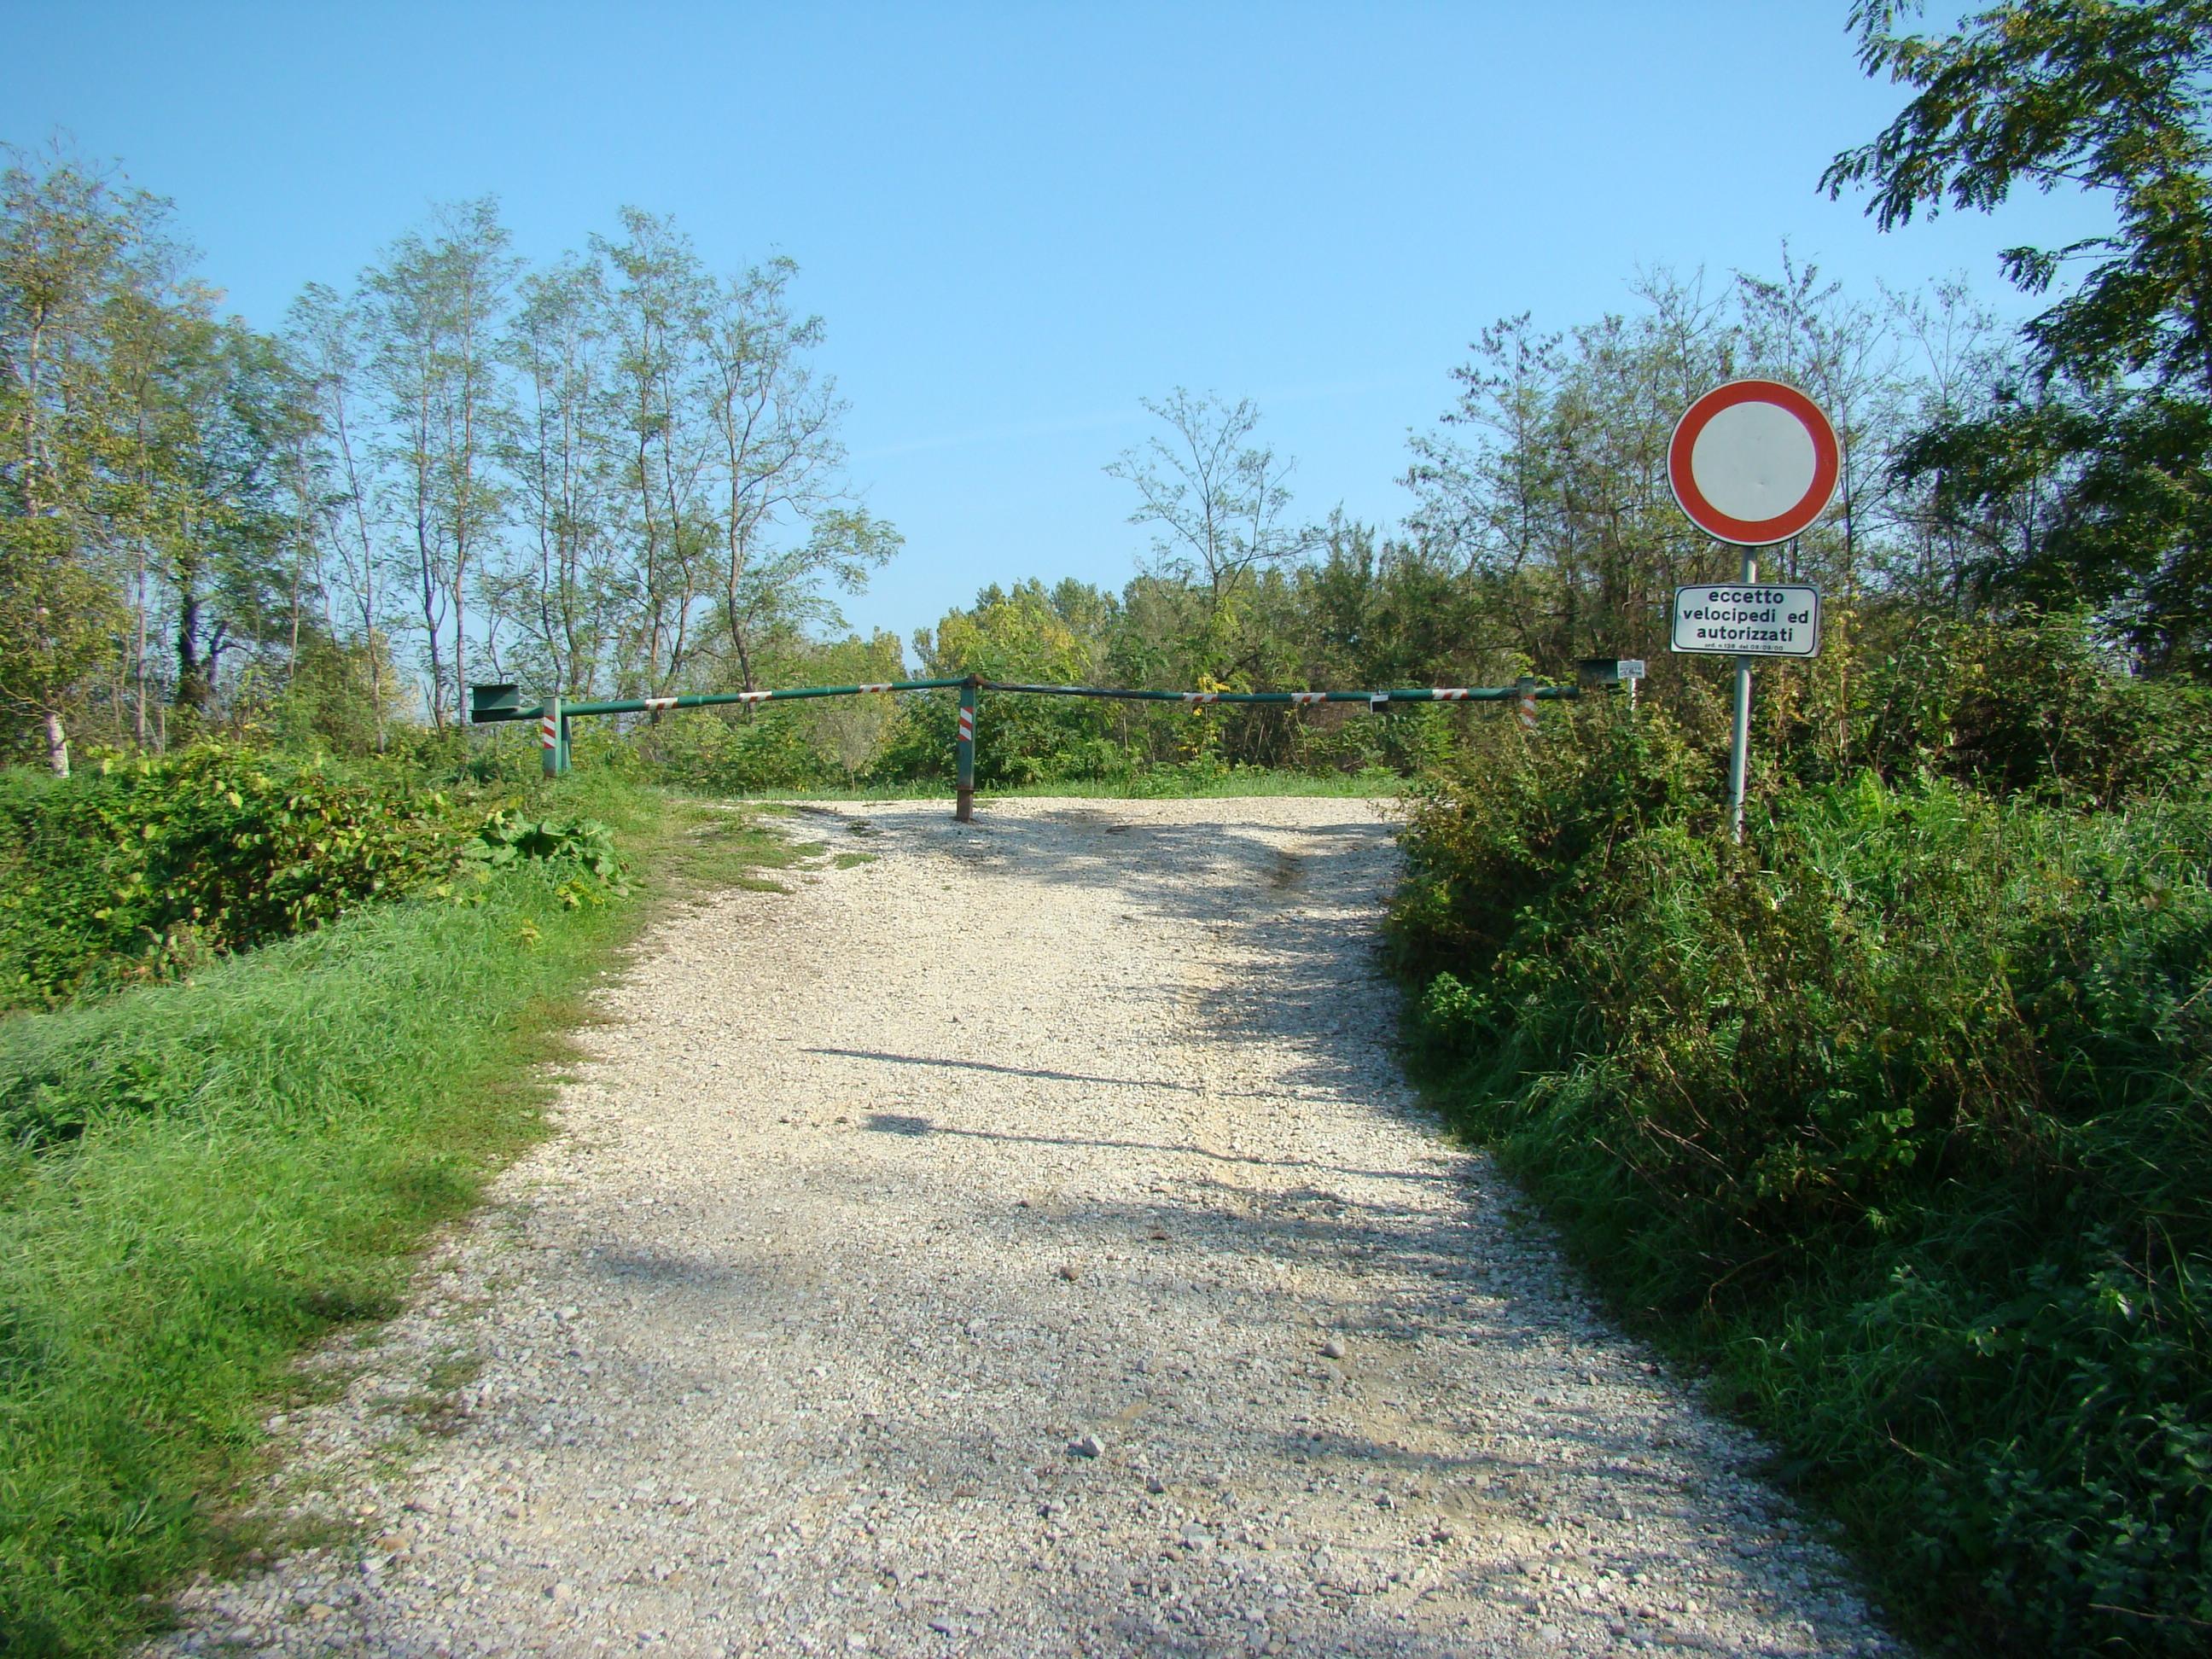 Accesso alla pista ciclabile e pedonale (di Giuliana Profeti)